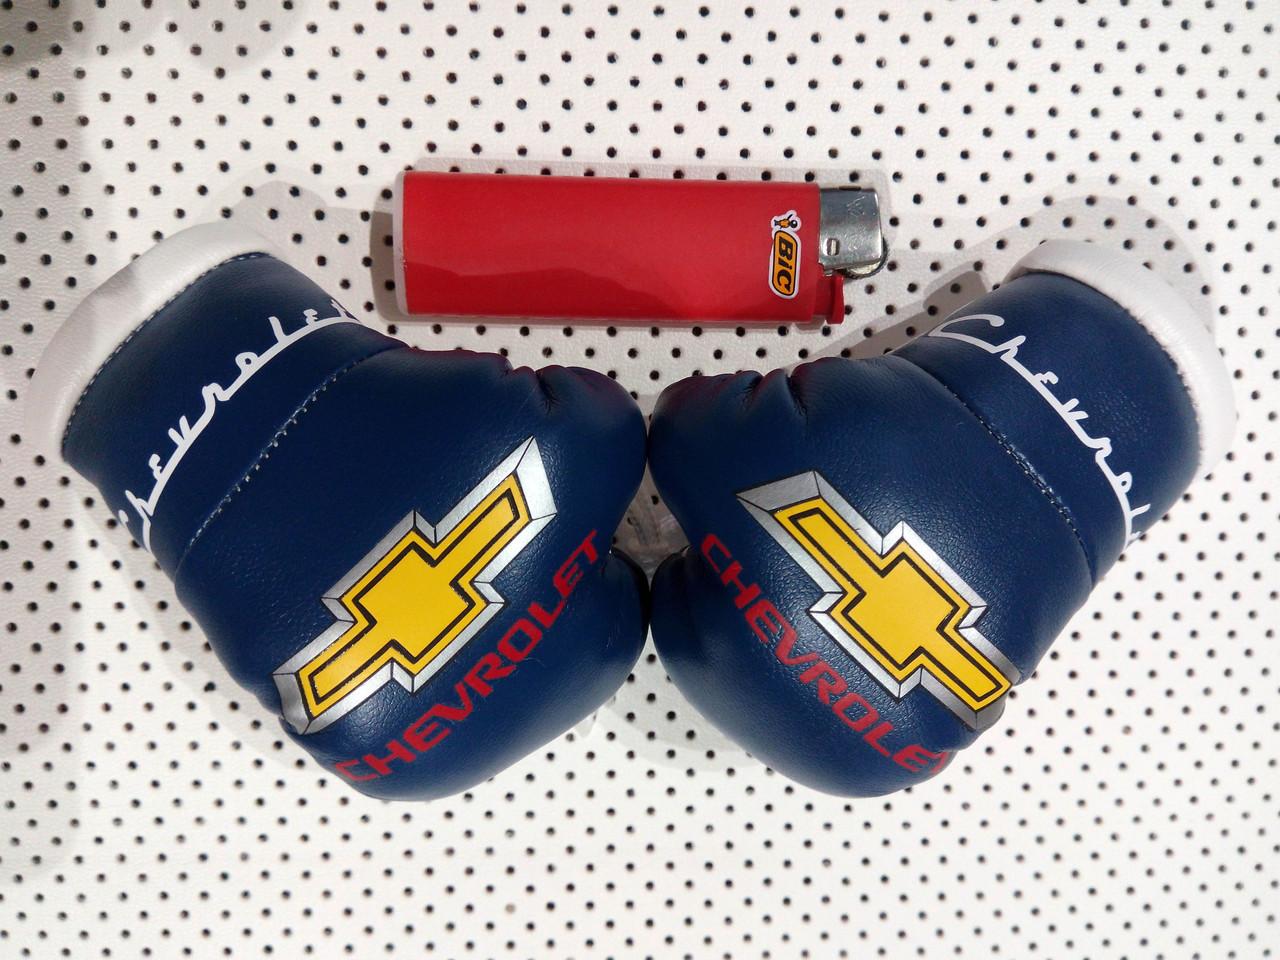 """Подвеска боксерские перчатки """"Chevrolet"""" Сувенирный подарок мужчине автомобилисту"""